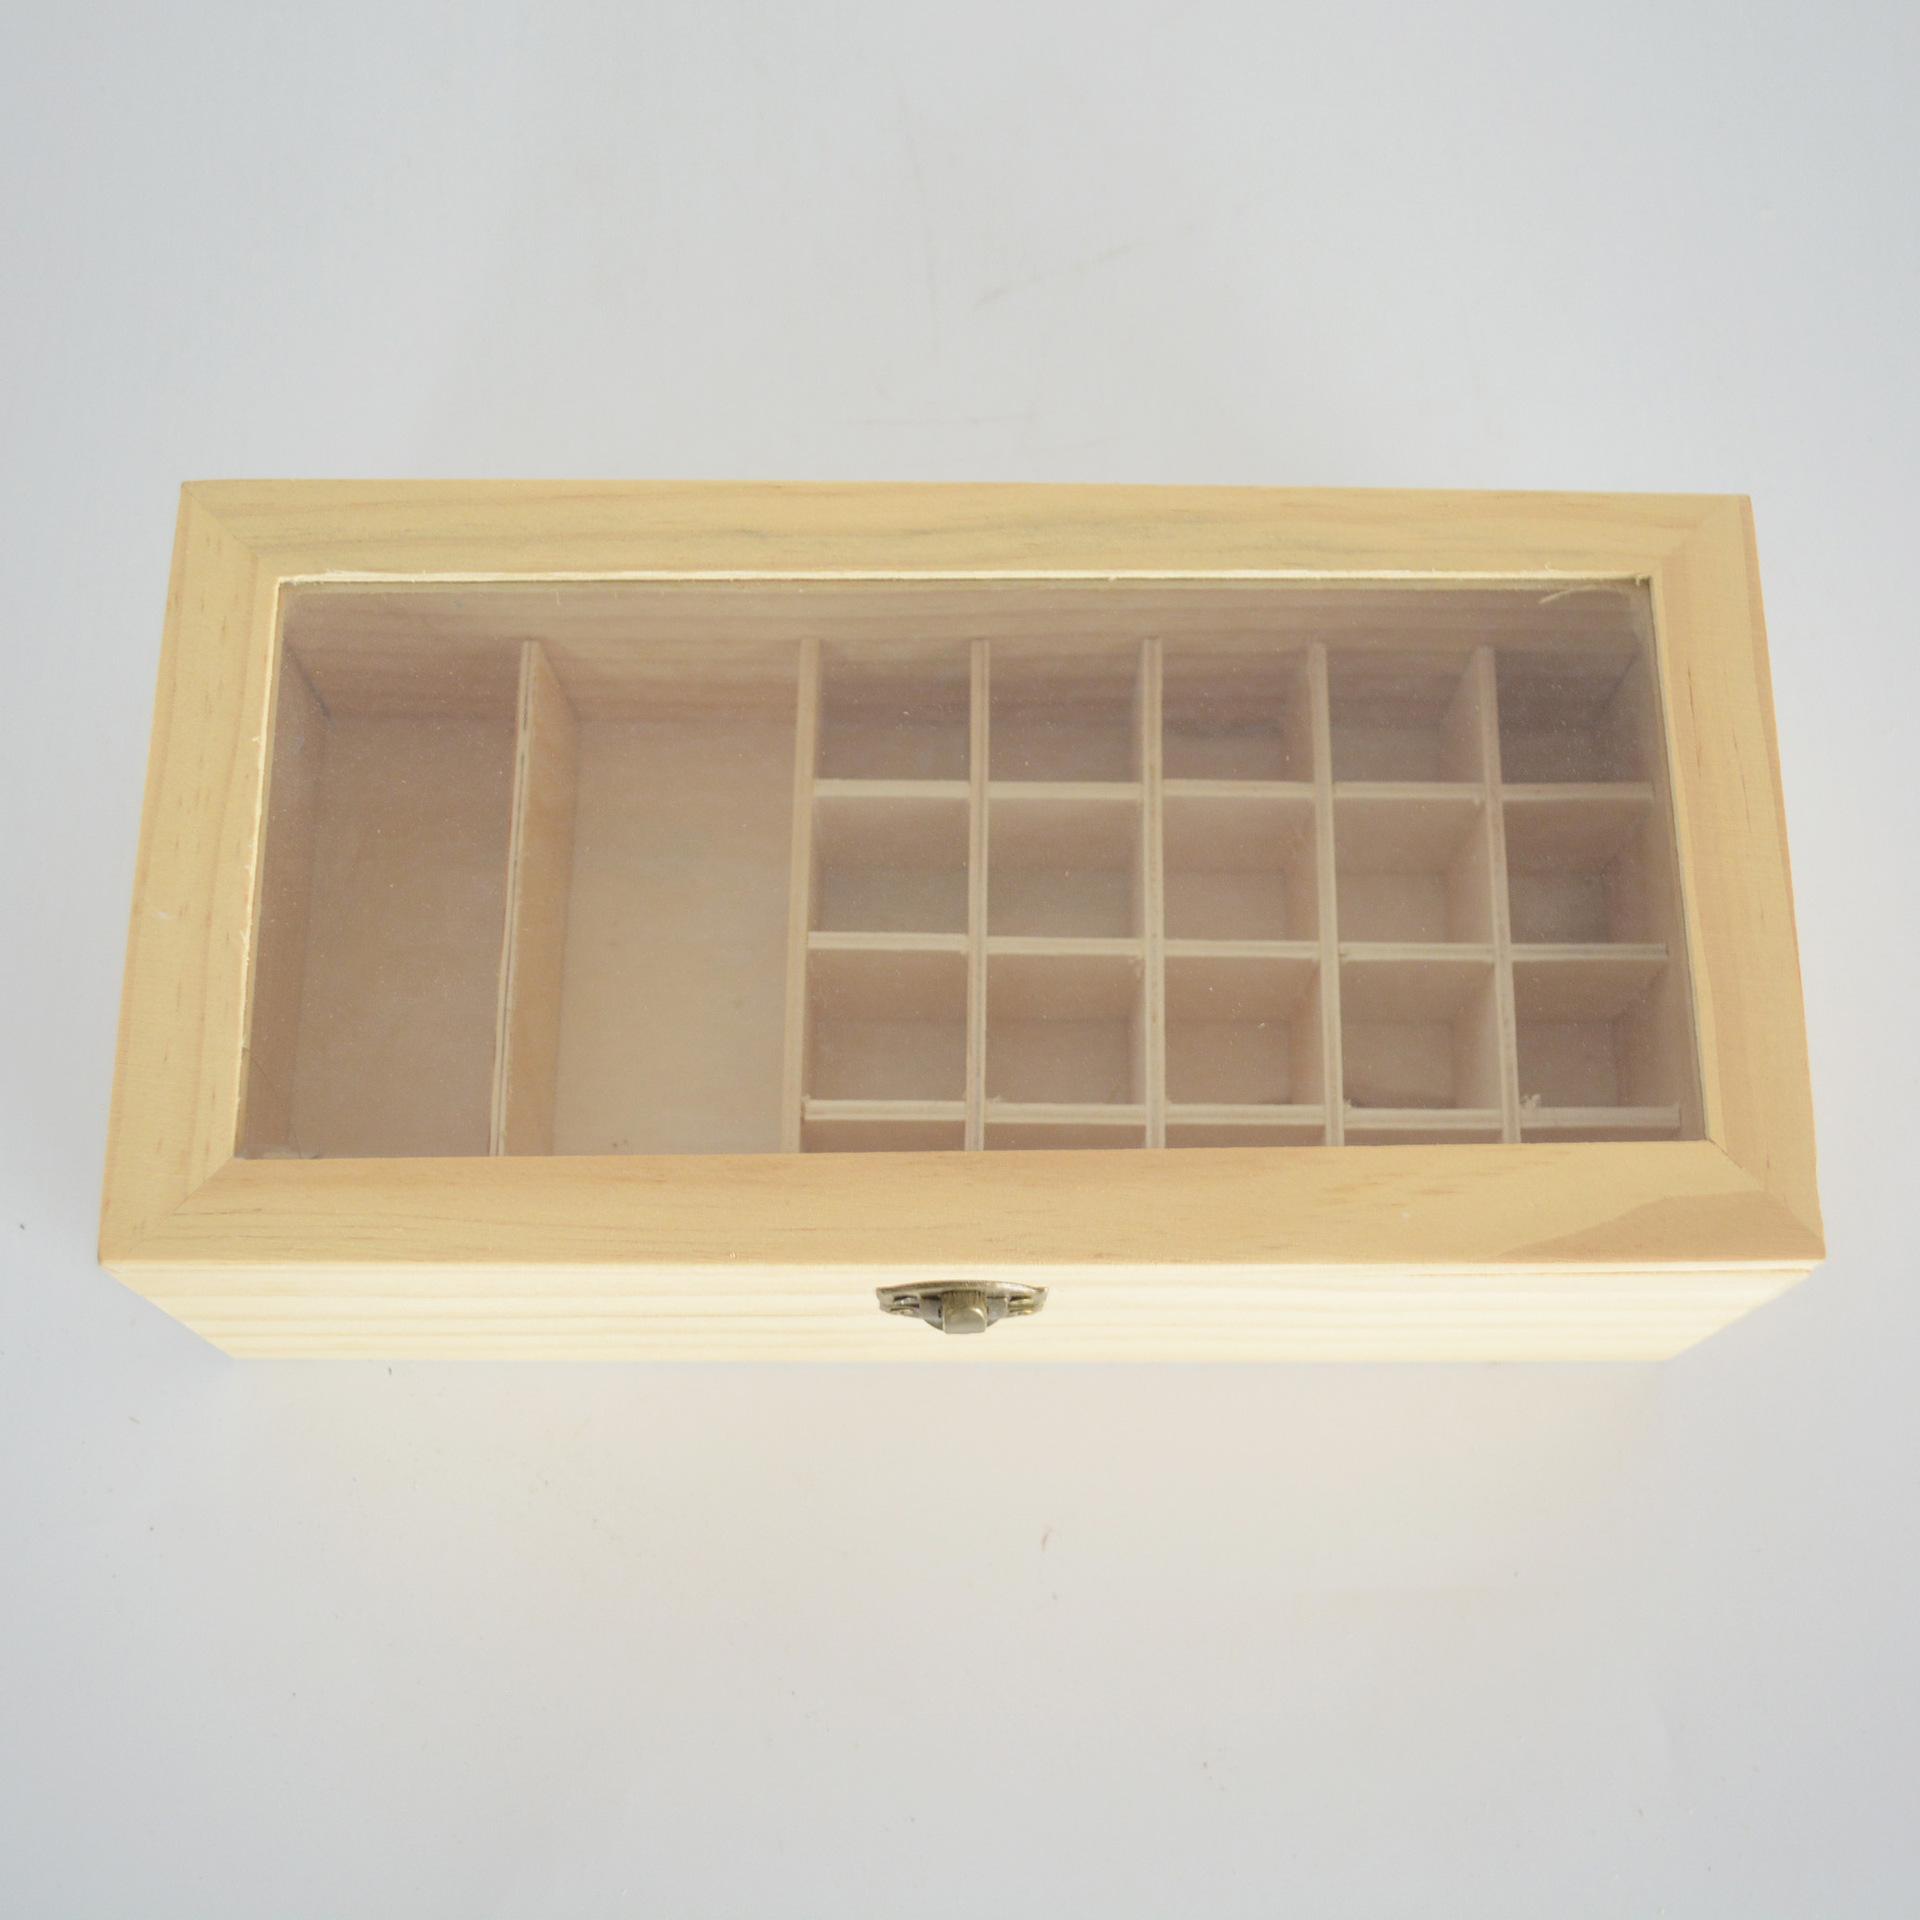 供应木质玻璃盖包装茶叶木盒 高档茶叶木盒厂家定制礼盒茶叶木盒